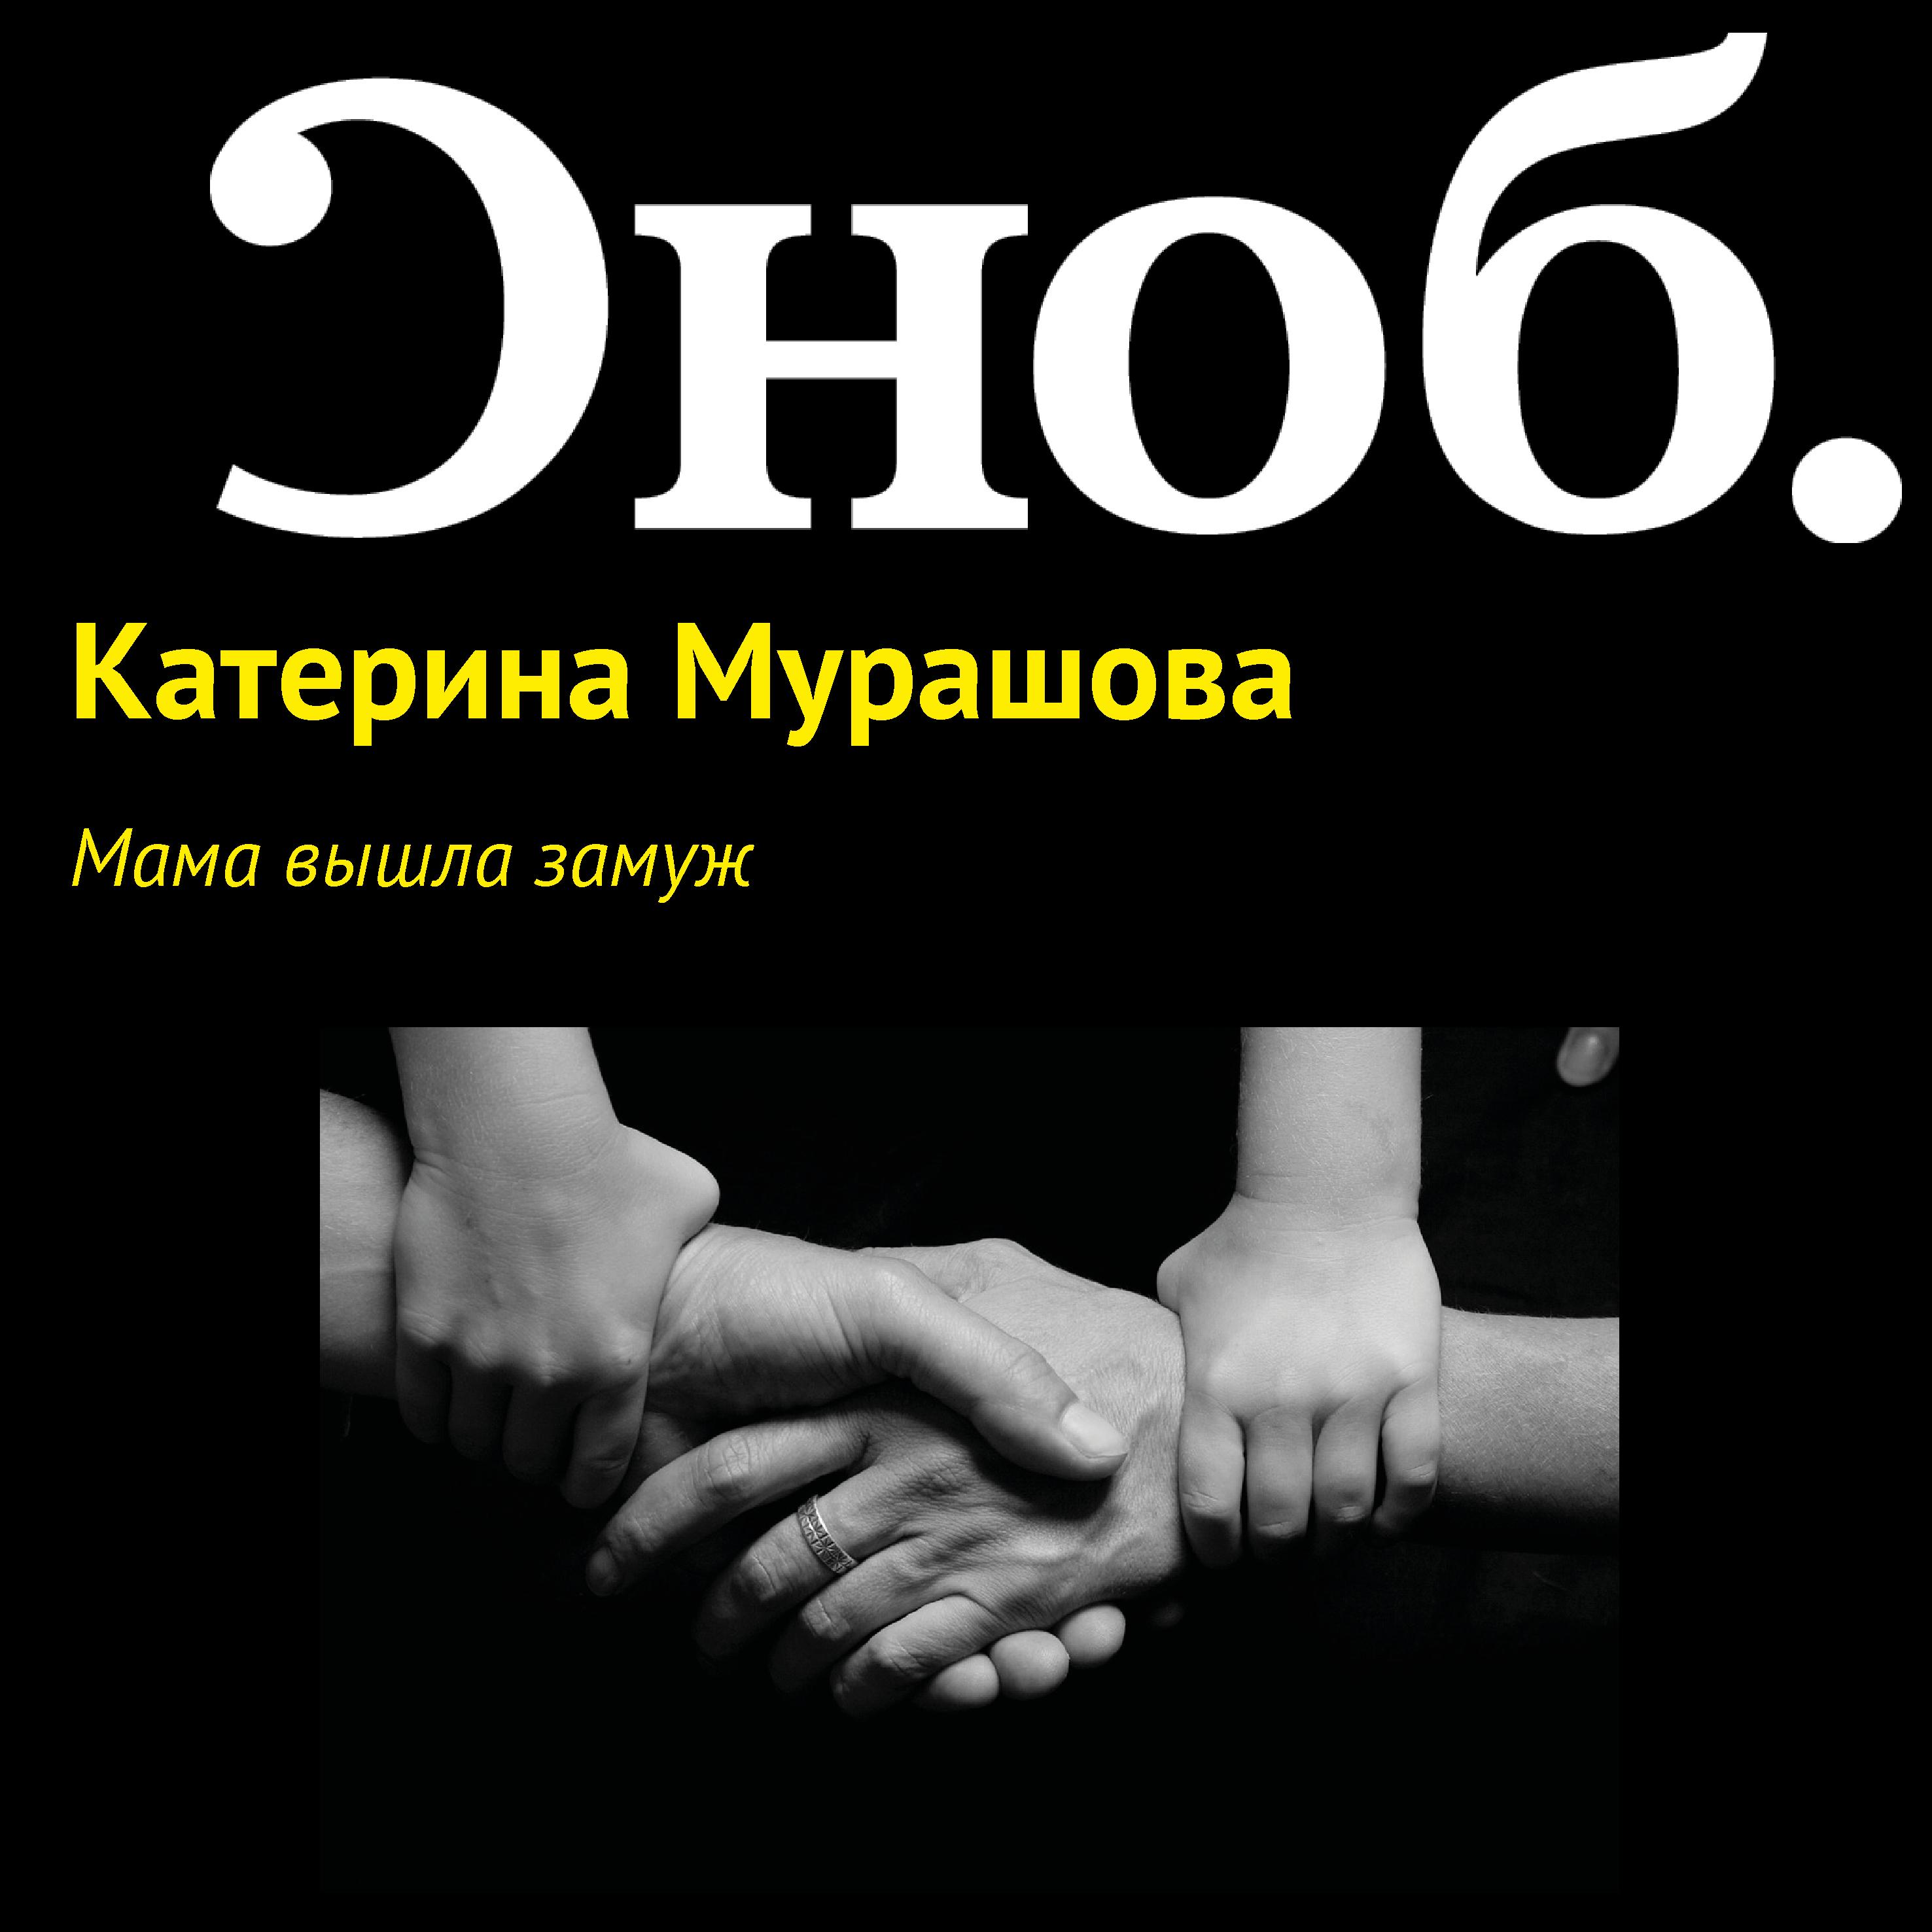 Екатерина Мурашова Мама вышла замуж